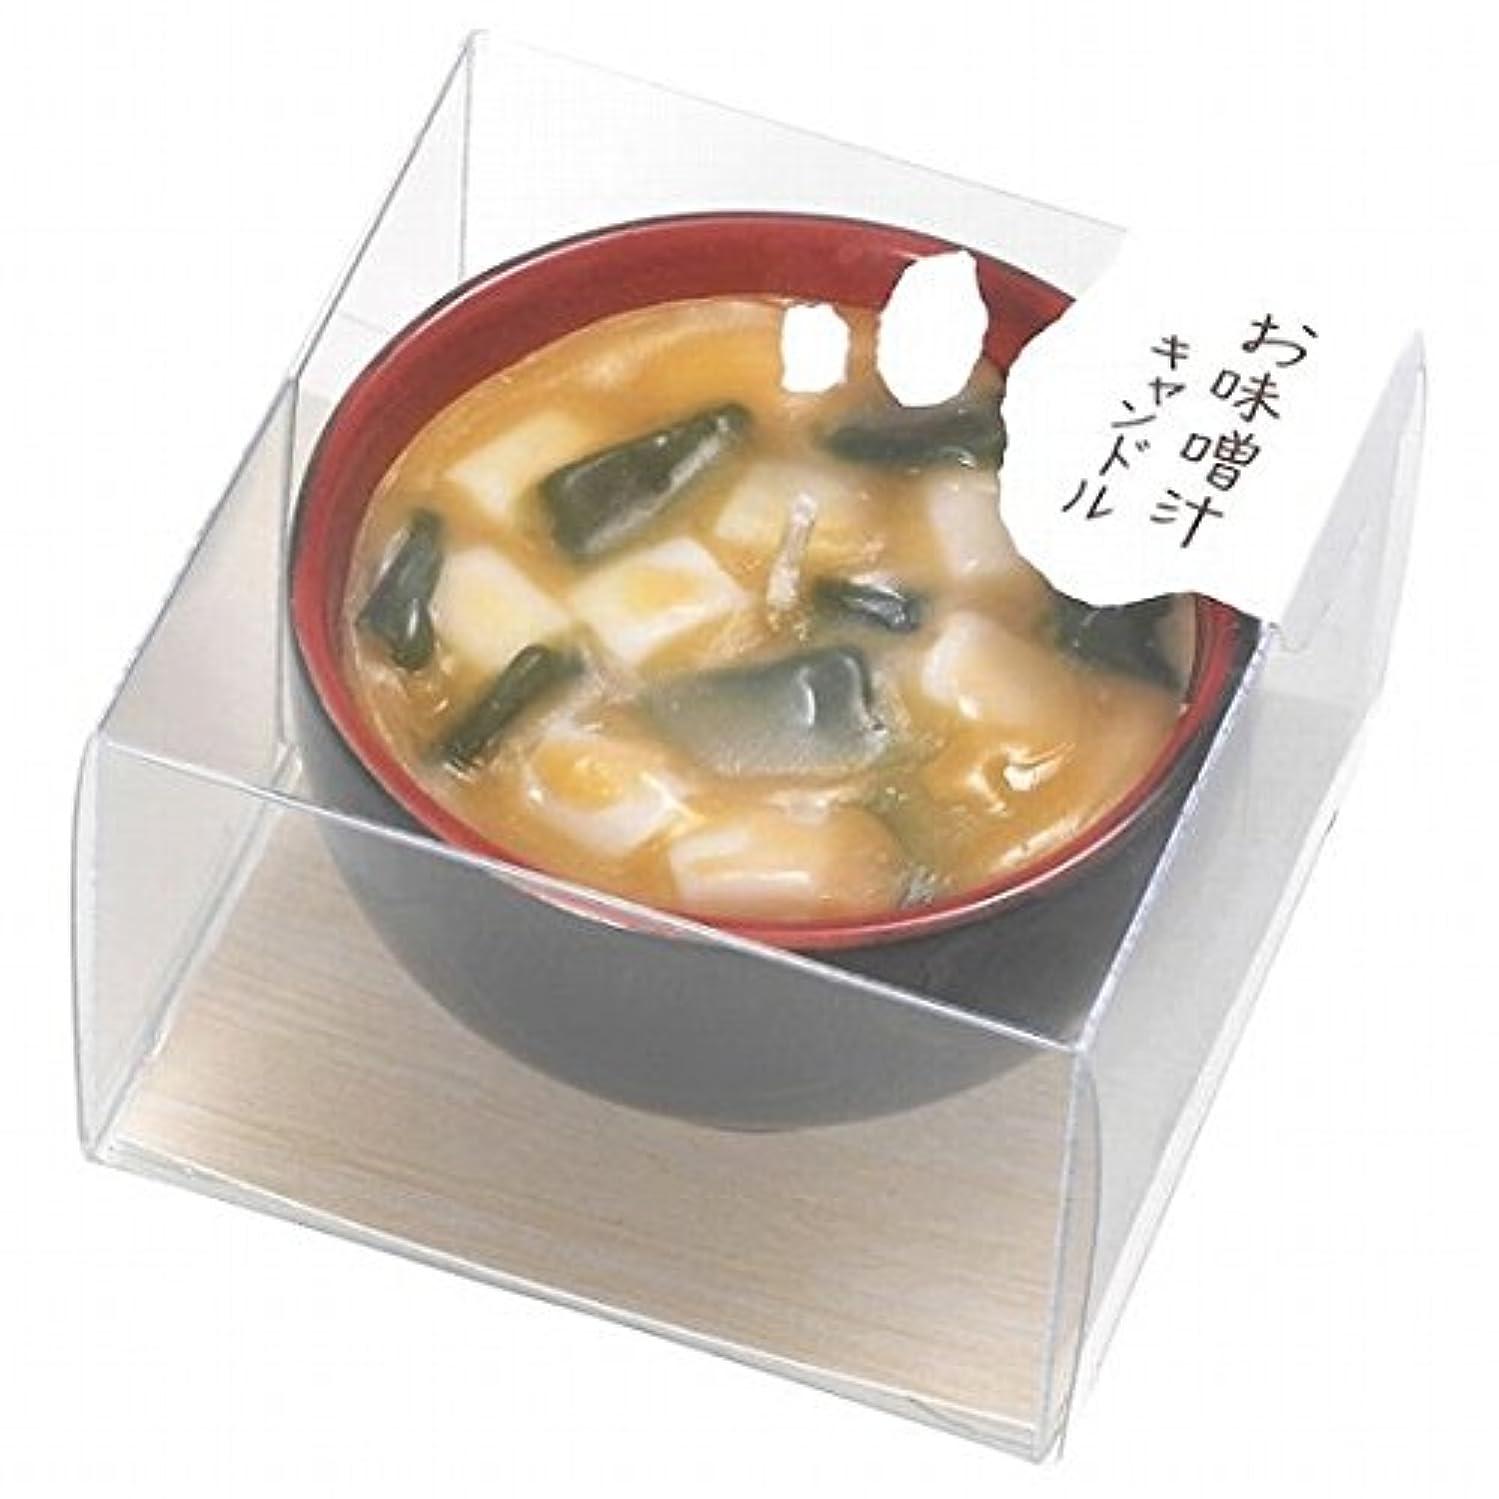 レモン田舎者コスチュームカメヤマキャンドル(kameyama candle) お味噌汁キャンドル